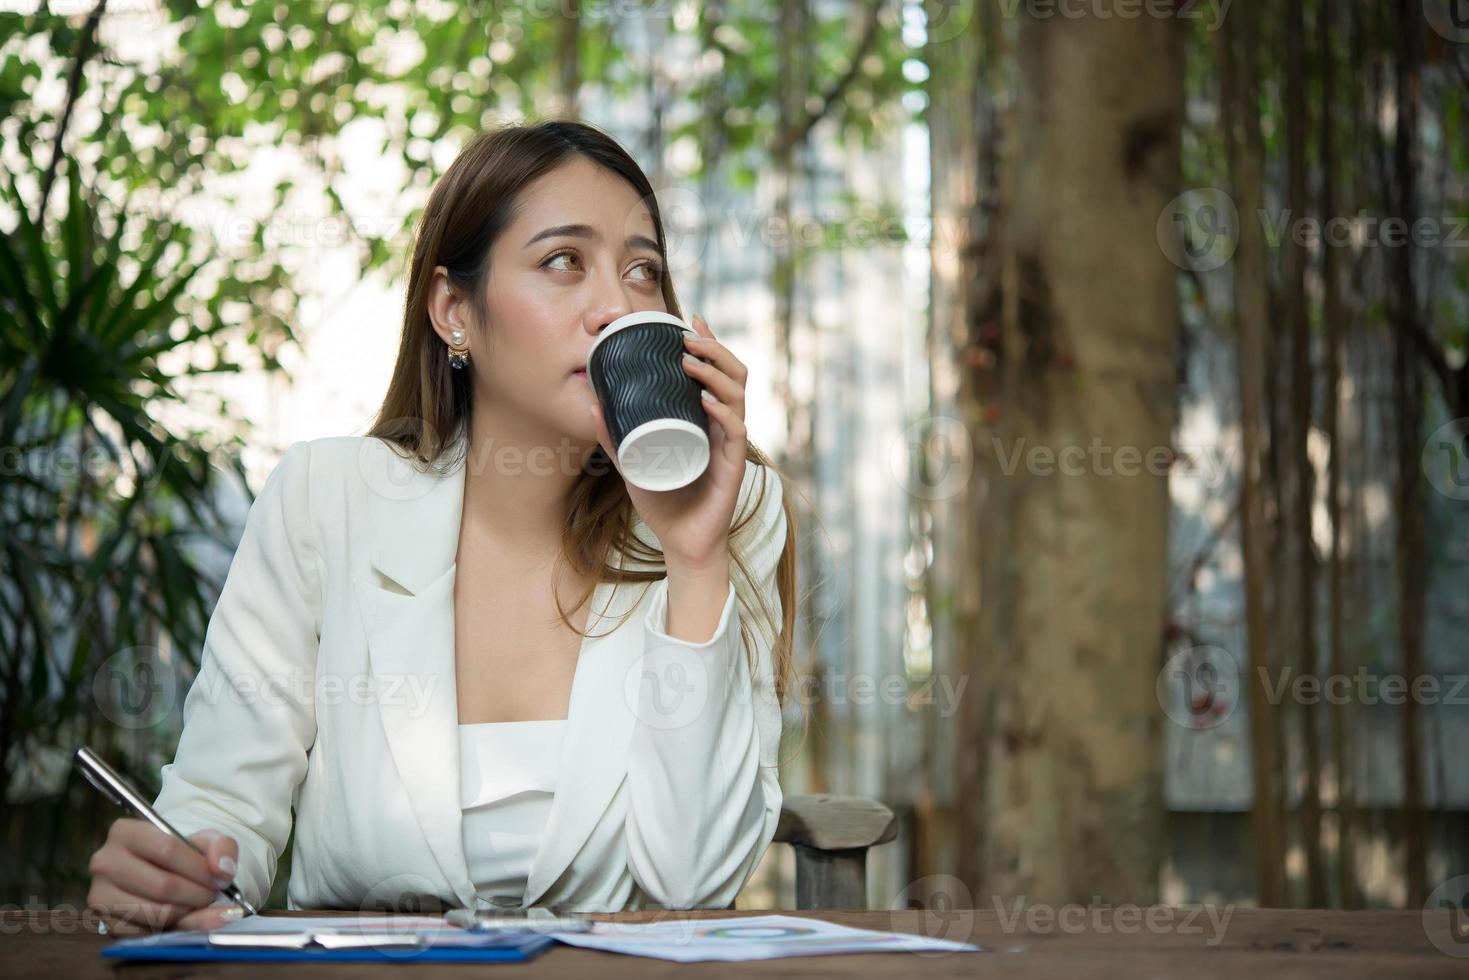 jonge zakenvrouw zitten in een kantoor een kopje koffie drinken foto